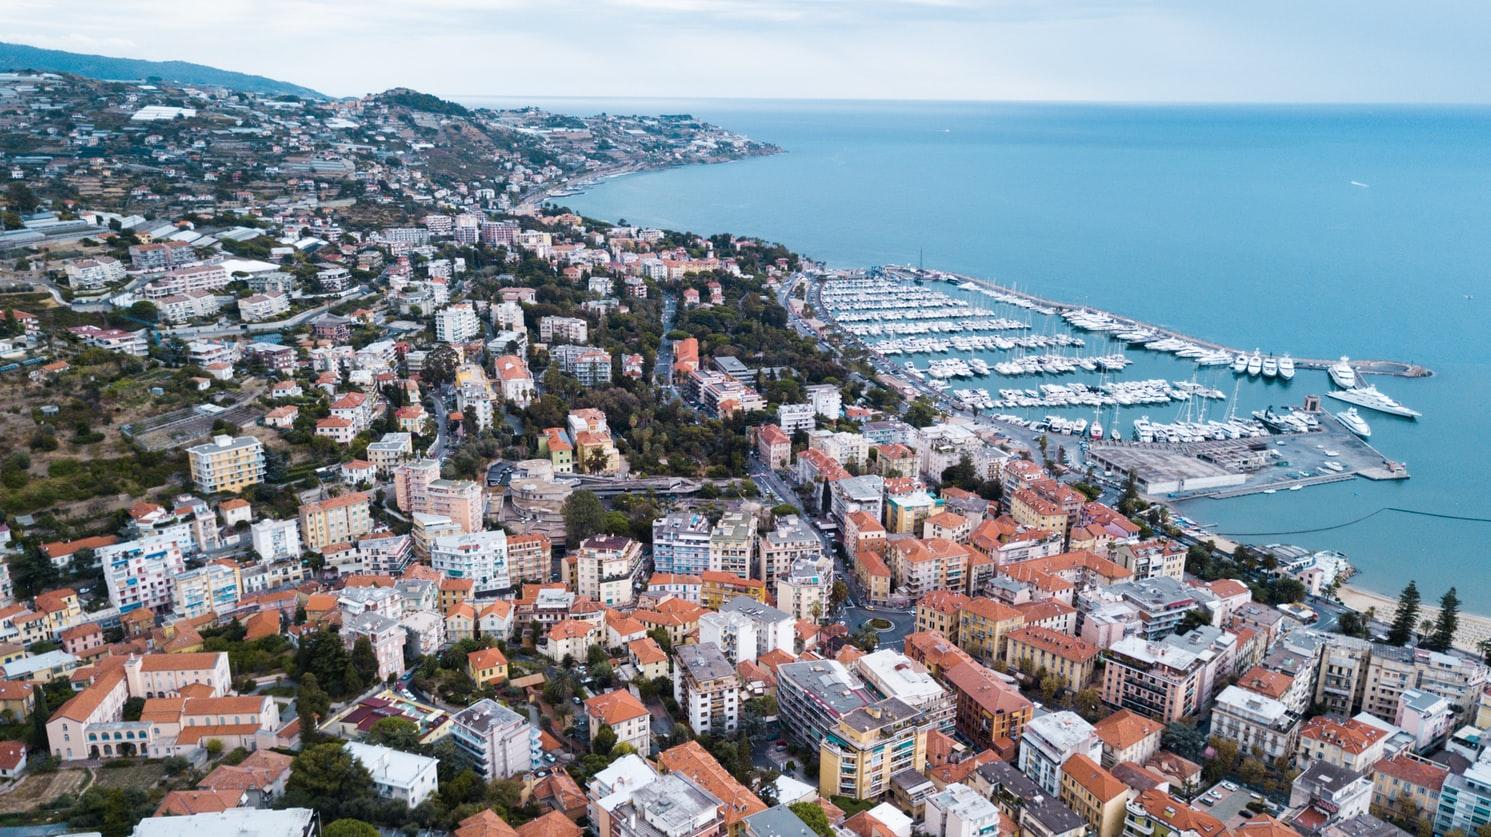 Immagine dall'alto di Sanremo